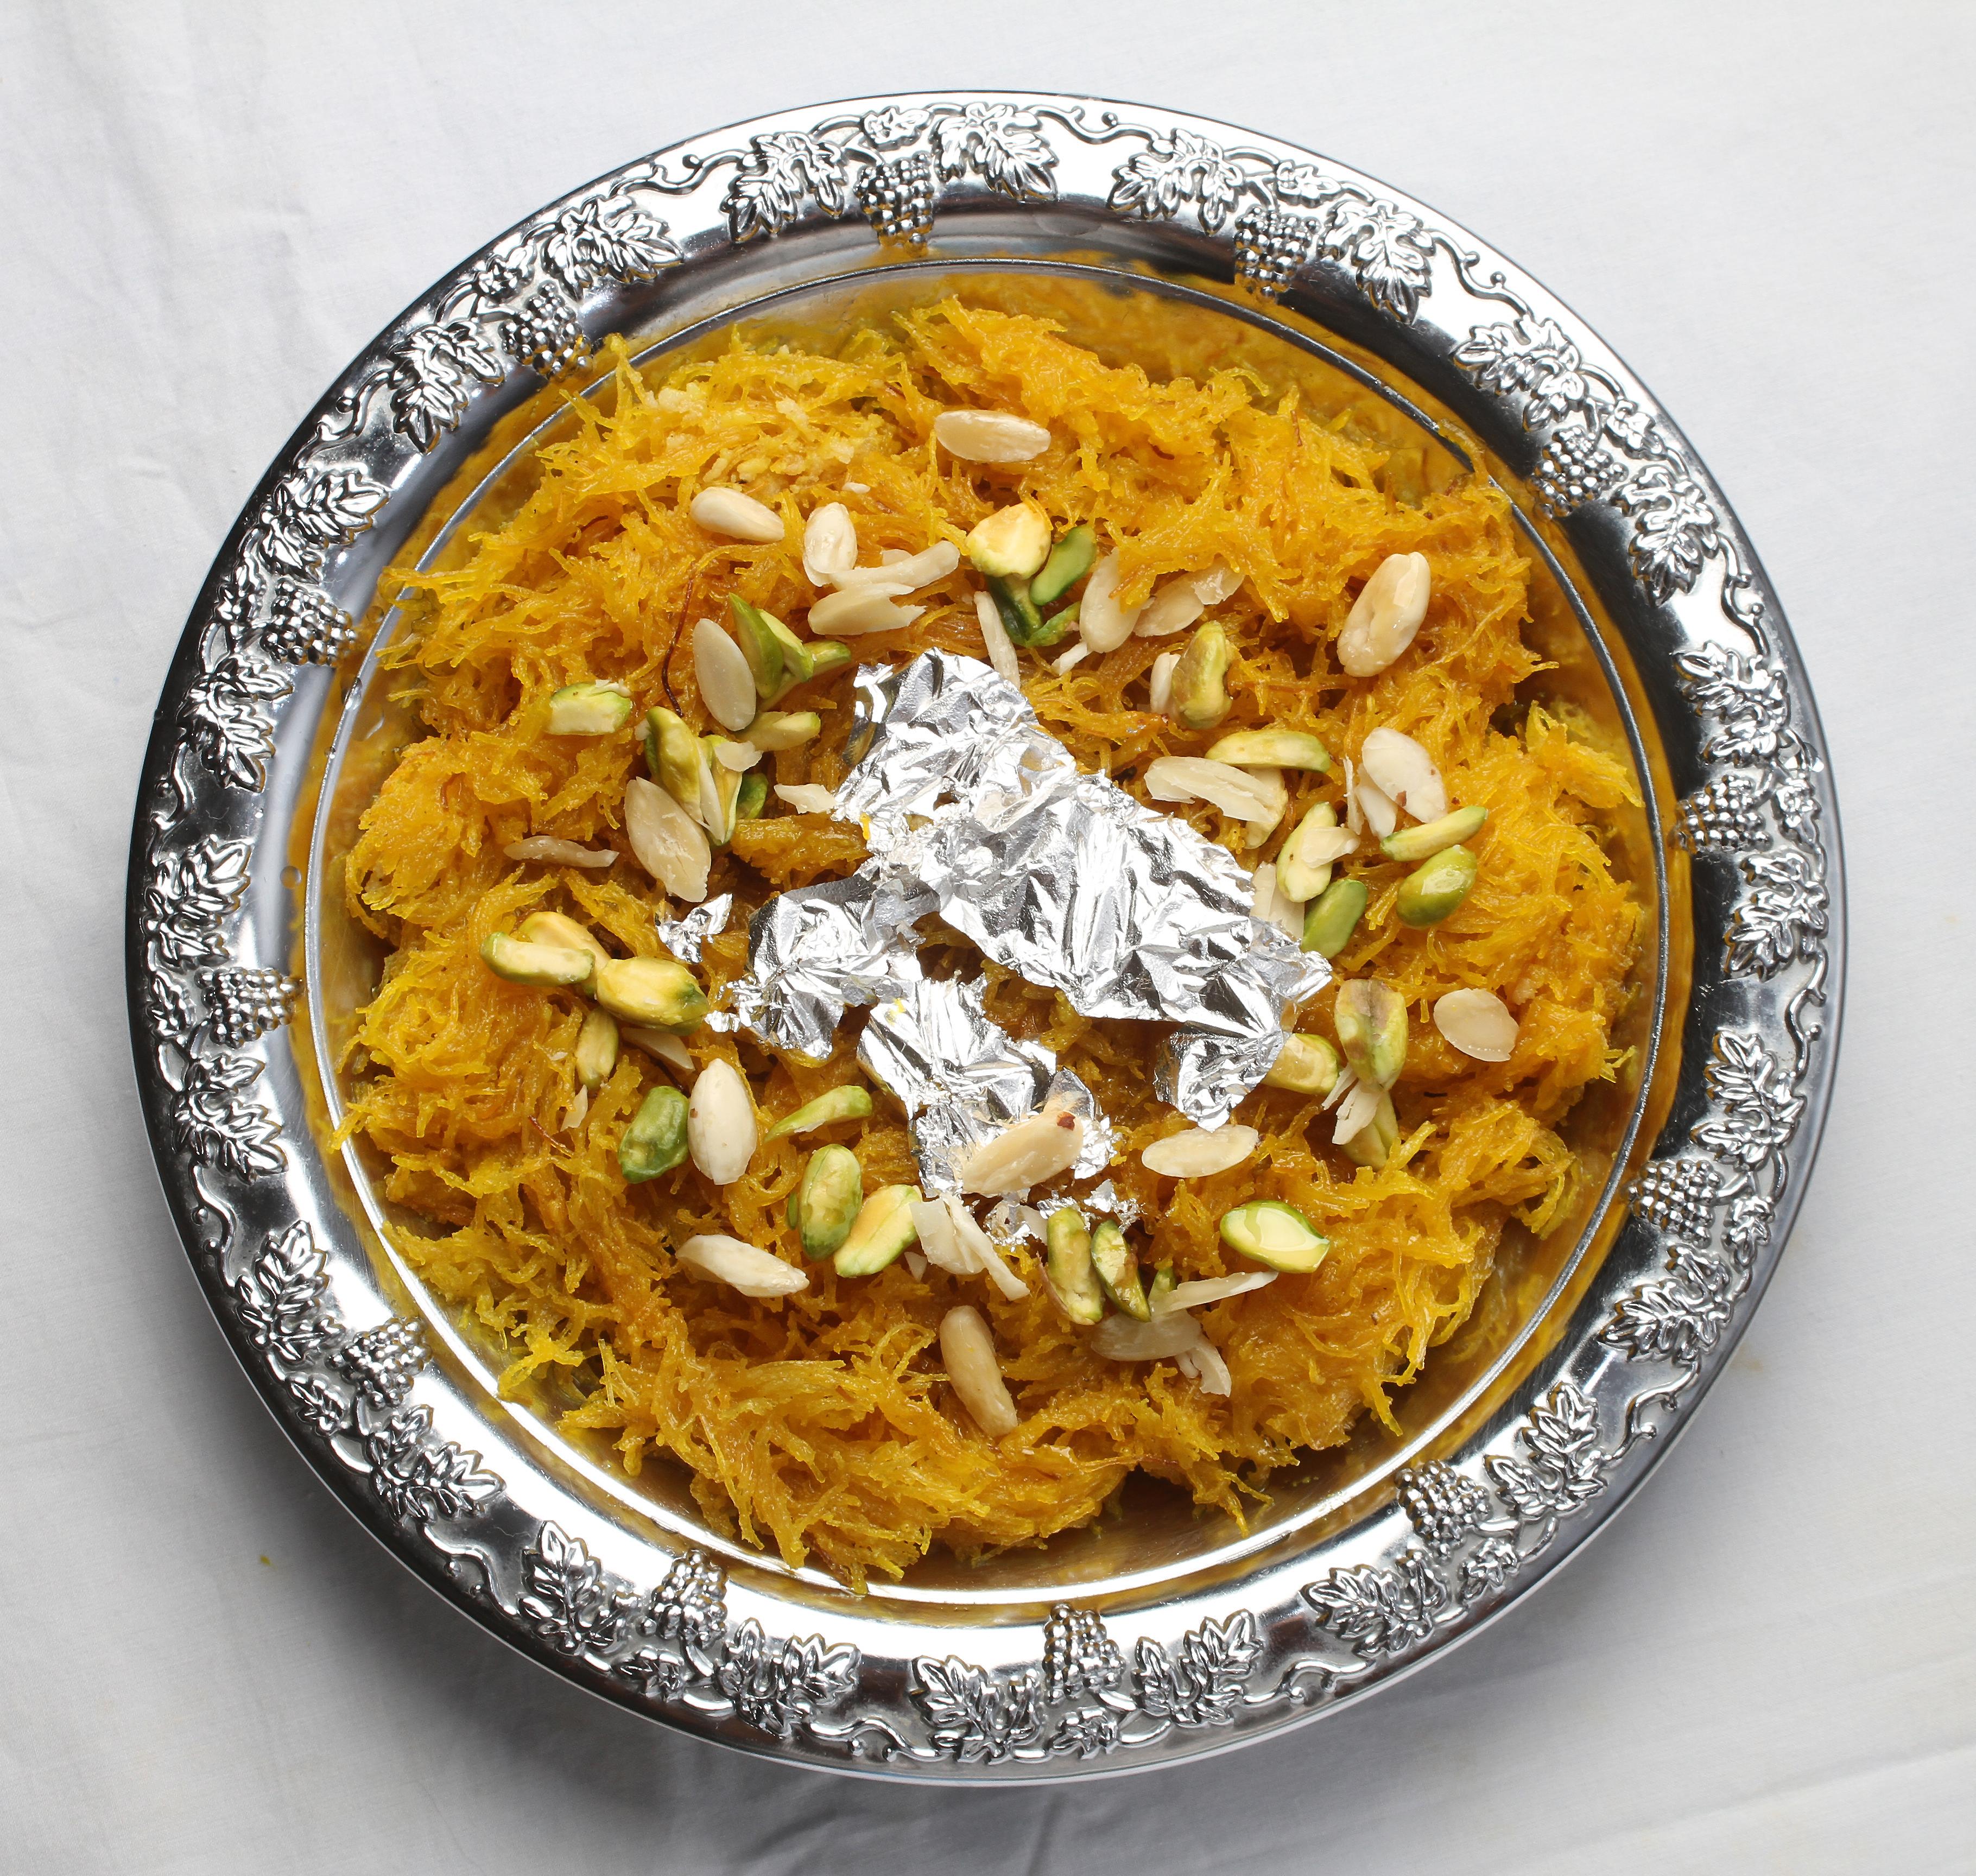 Kostenlose foto : Lebensmittel, Gericht, indische Küche, Biryani ...